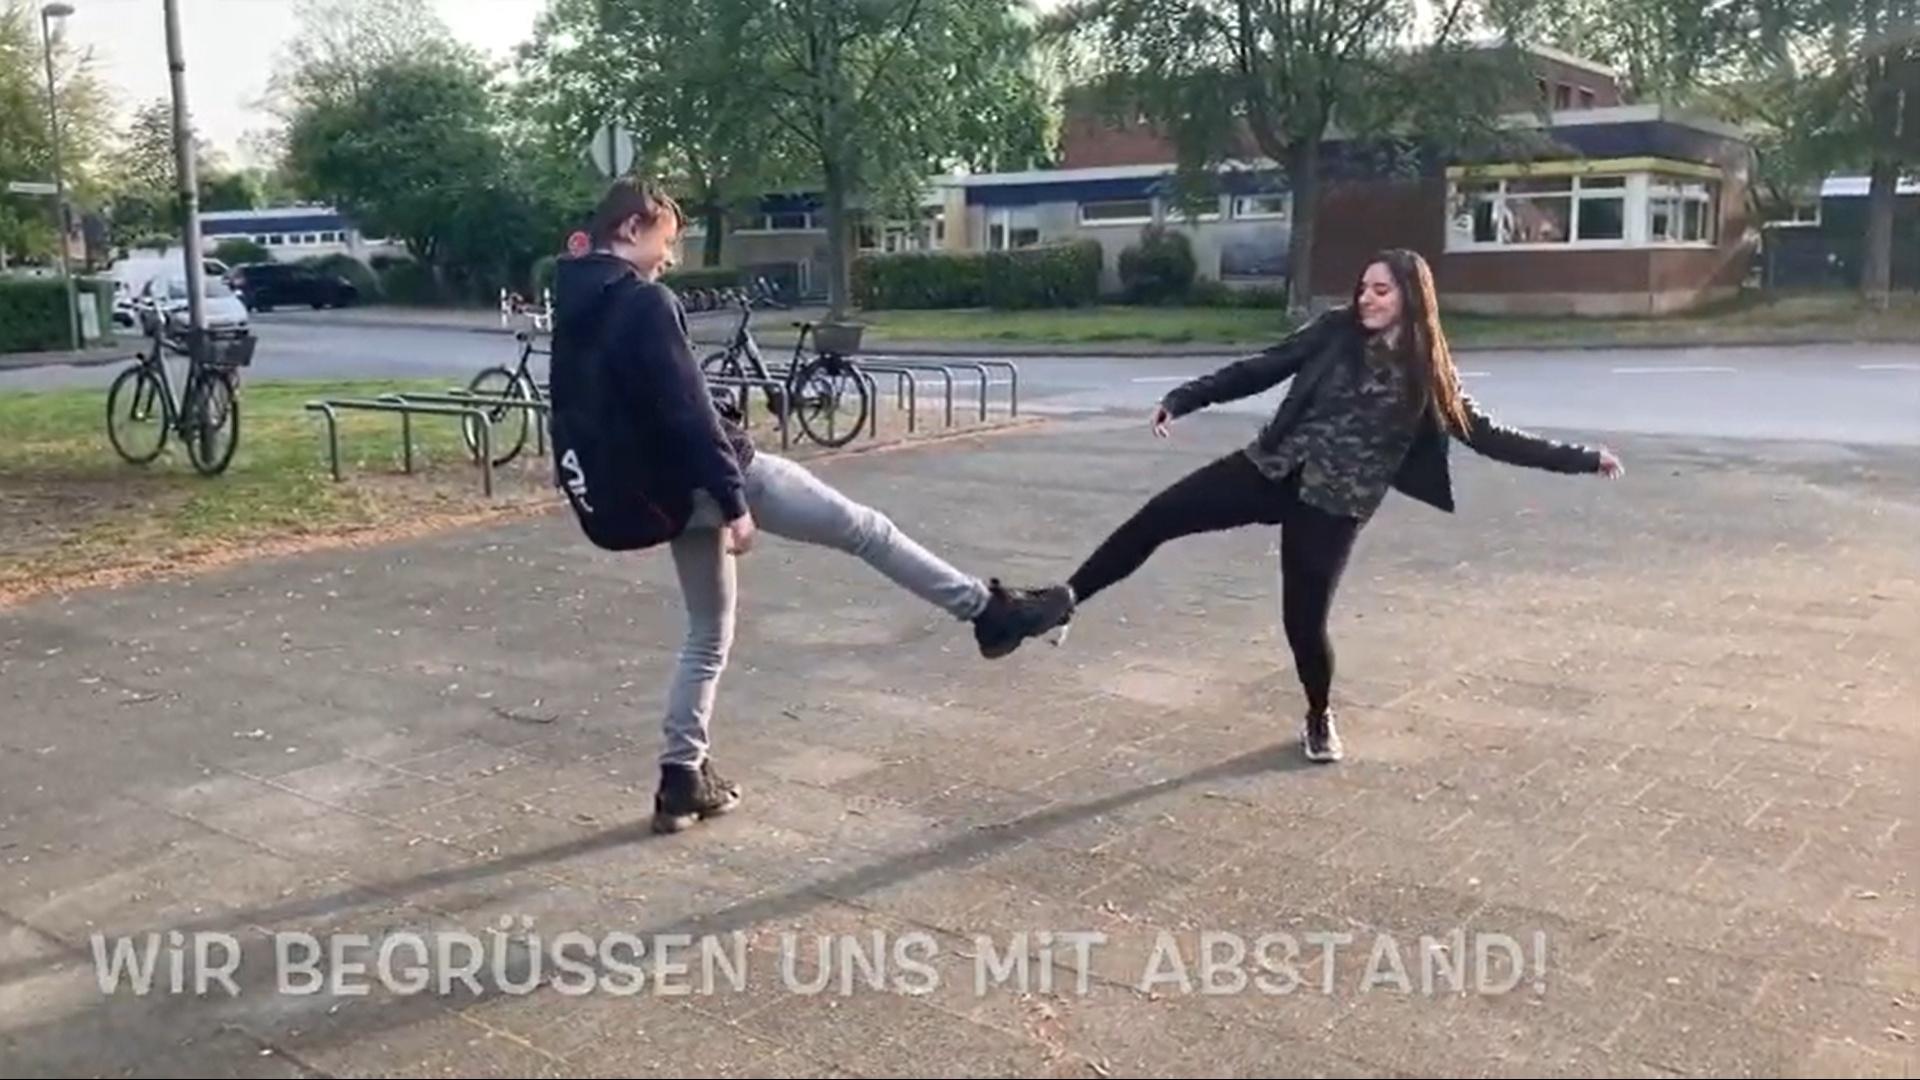 Demonstrație de distanțare între elevi la o școală din Germania. În curte, pe hol, în clasă și în pauză – ce fac profesorii și copiii, pas cu pas